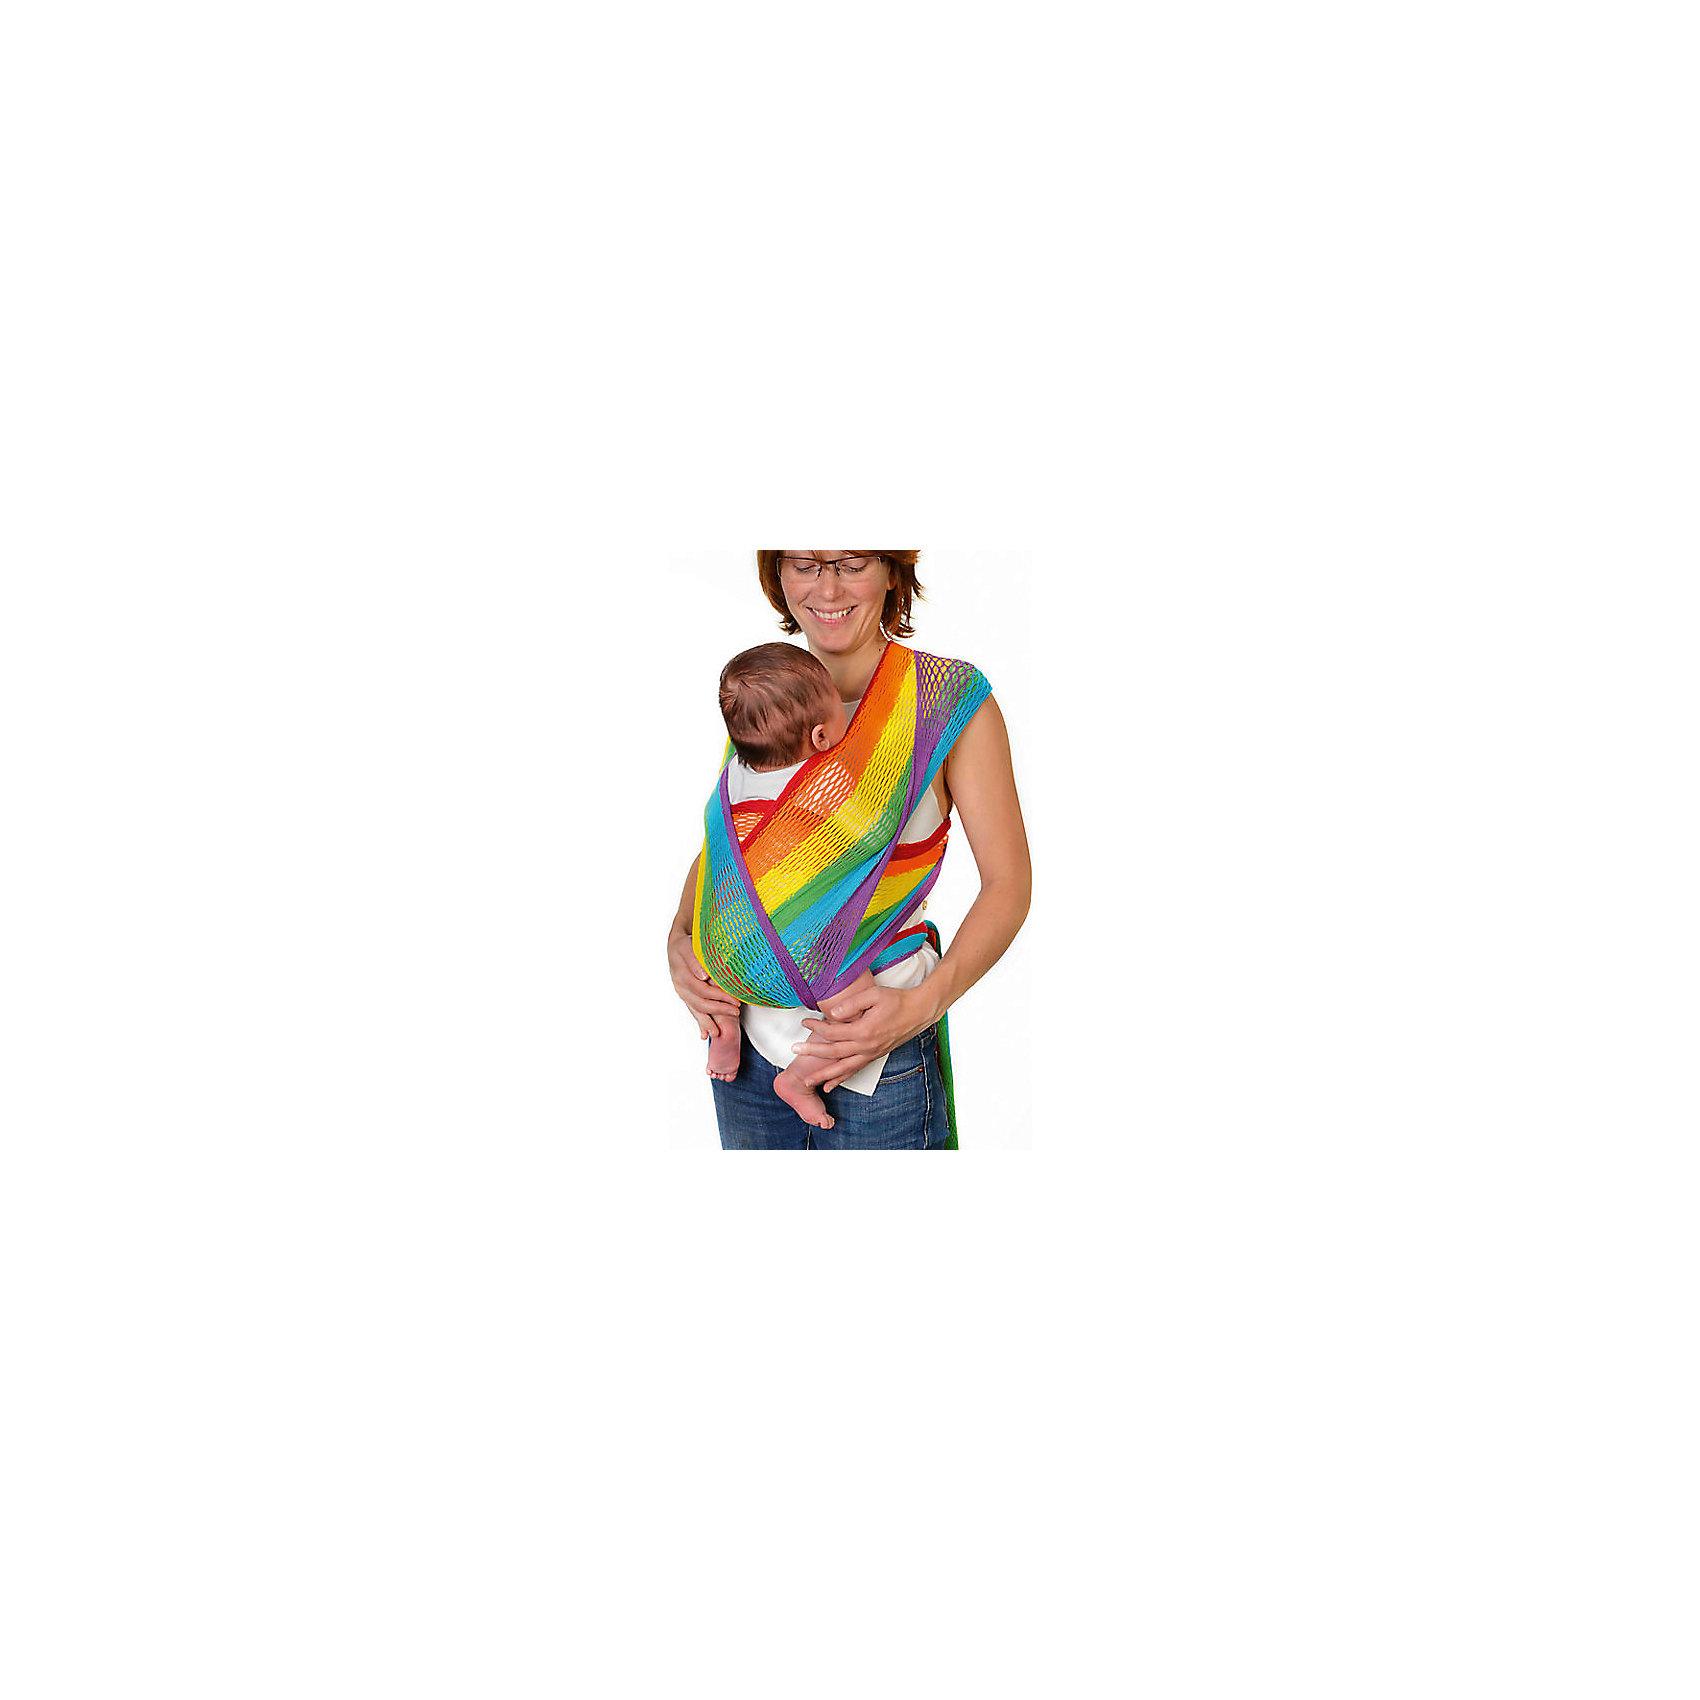 Слинг-шарф из хлопка плетеный размер s-m, Филап, Filt, радугаСлинги и рюкзаки-переноски<br>Характеристики:<br><br>• разработан совместно с врачами-ортопедами;<br>• обеспечивает оптимальную поддержку ребенка;<br>• легко наматывается;<br>• два способа намотки: «простой крест» и «двойной крест»;<br>• равномерно распределяет нагрузку на спину;<br>• основное положение: лицом к маме;<br>• подходит для автоматической стирки при температуре 30 градусов;<br>• сумочка в комплекте;<br>• цвет: радуга;<br>• материал: хлопок;<br>• возраст ребенка: 3 месяца-2 года (до 15 кг);<br>• размер слинга: 4,4х0,5 м;<br>• размер упаковки: 24х26х7 см;<br>• вес: 430 грамм;<br>• страна бренда: Франция.<br><br>Слинг-шарф FilUp изготовлен из натурального хлопка сетчатого плетения и окрашен нетоксичными красителями. Плетеный материал защитит ребенка и маму от жары. В зимнее время вы сможете одеть ребенка привычным образом, а слинг предотвратит перегревание. Хлопок приятен телу, не вызывает аллергии.<br><br>Основное положение ребенка в слинге - лицом к маме. Кроме этого, возможно положение на боку и за спиной.  Слинг легко надевается и вытягивается при необходимости. <br><br>Слинг-шарф равномерно распределяет нагрузку на спину, чтобы вы могли носить малыша с комфортом. Широкая центральная часть шарфа удобна для правильной посадки и фиксации ребенка.  Ножки ребенка будут находиться в положении, необходимом для правильного развития тазобедренных суставов. Узкие концы слинг-шарфа можно завязать так, чтобы они не мешали вам. <br><br>Слинг-шарф FilUp можно стирать в машинке при температуре 30°. Длина полотна - 4,4 метра. Ширина полотна - 0,5 метра. Подходит для детей от 3-4-х месяцев до 1,5-2-х лет (весом до 15 килограммов).В комплект входит сумочка-авоська, которая подойдет для бутылочек, салфеток и прочих необходимых предметов.<br><br>Слинг-шарф из хлопка плетеный размер s-m, Филап, Filt (Филт), радуга можно купить в нашем интернет-магазине.<br><br>Ширина мм: 800<br>Глубина мм: 800<br>Высота мм: 50<br